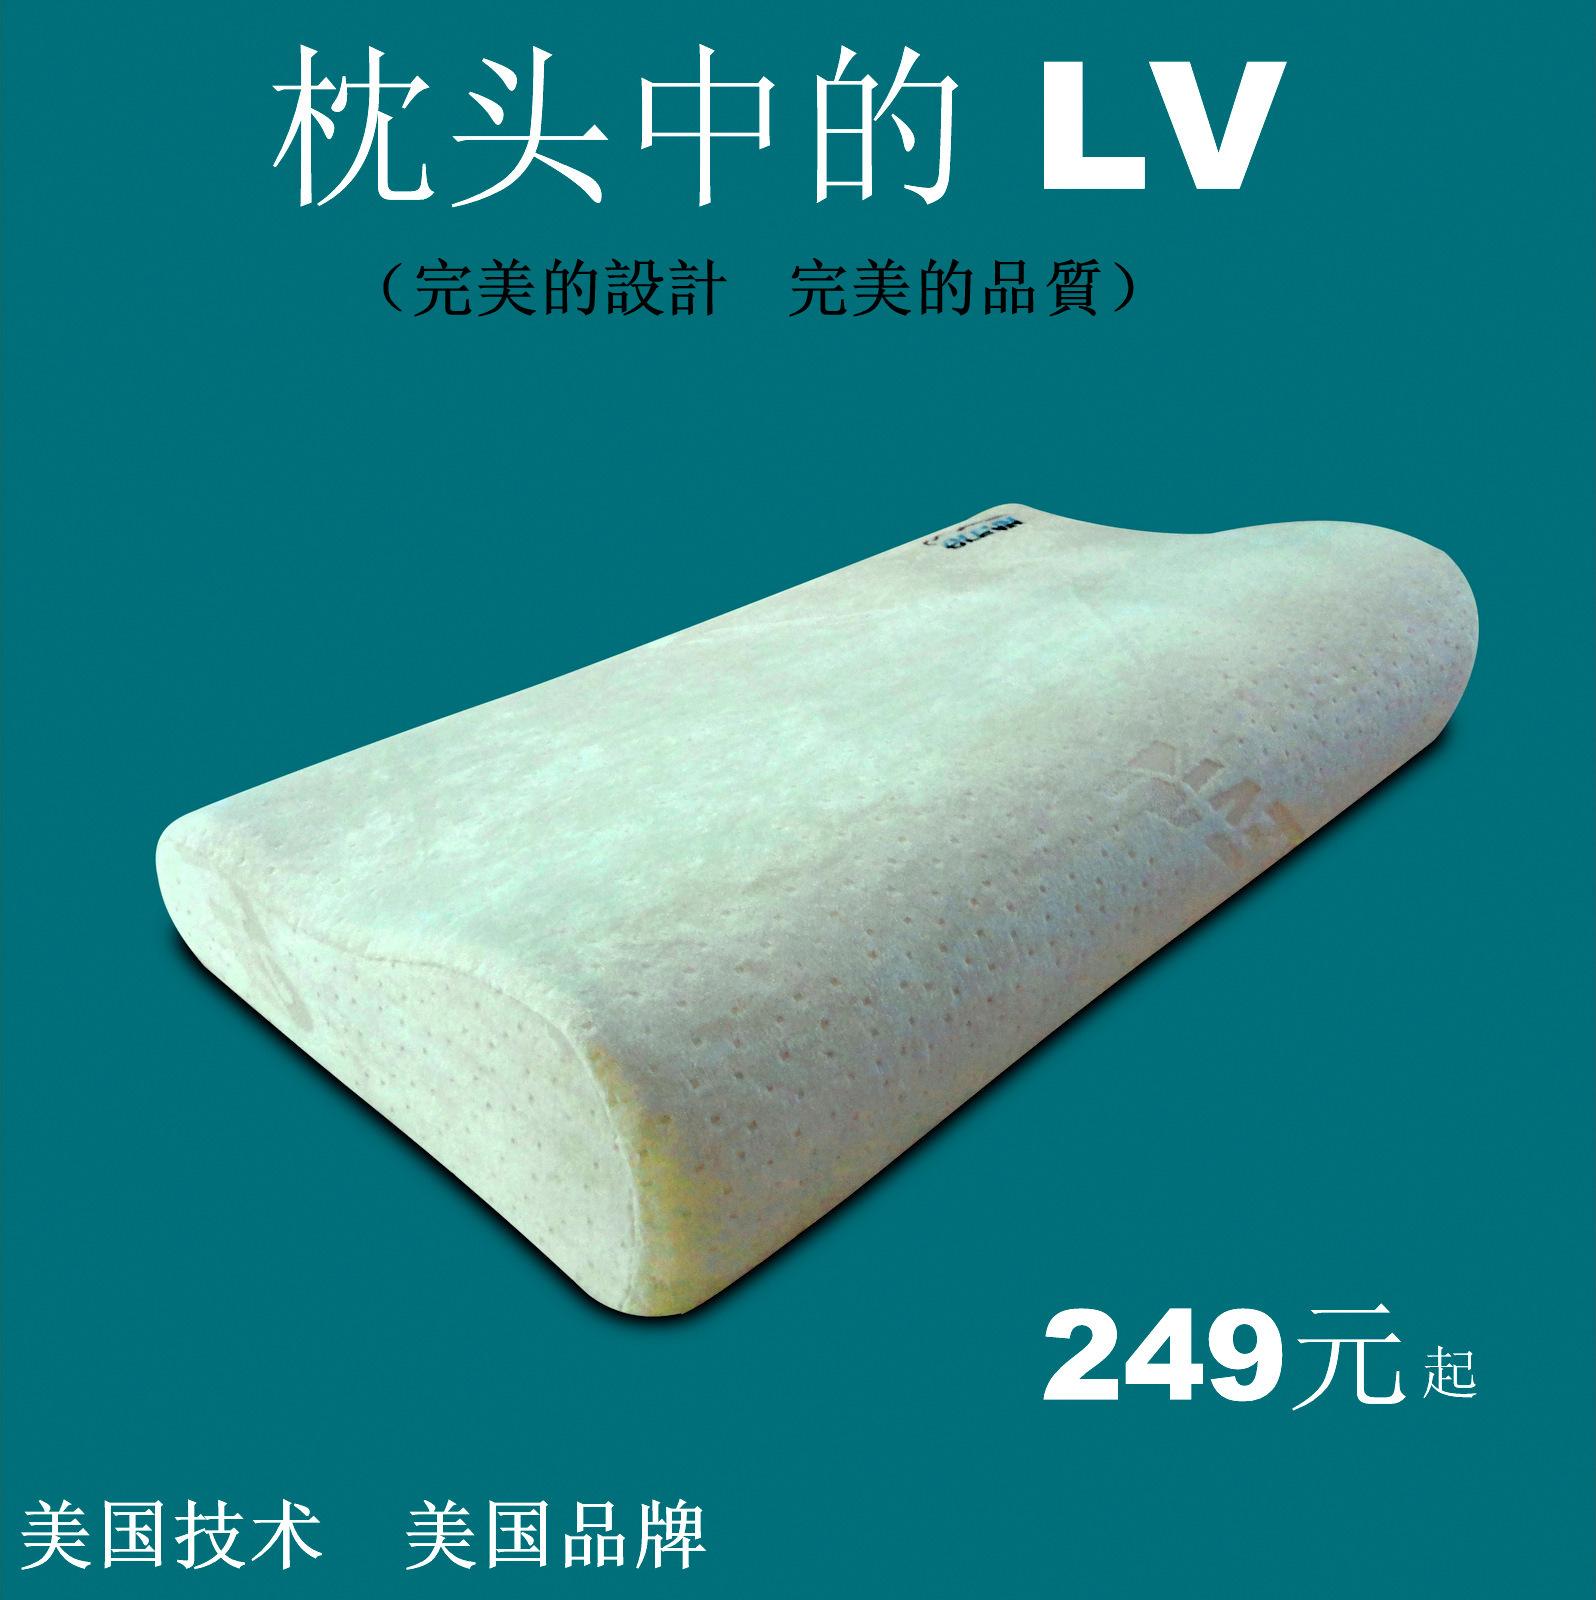 ELEVN依恋/品牌枕头/高端记忆枕/颈椎枕/R03系列/护颈枕/超值体验